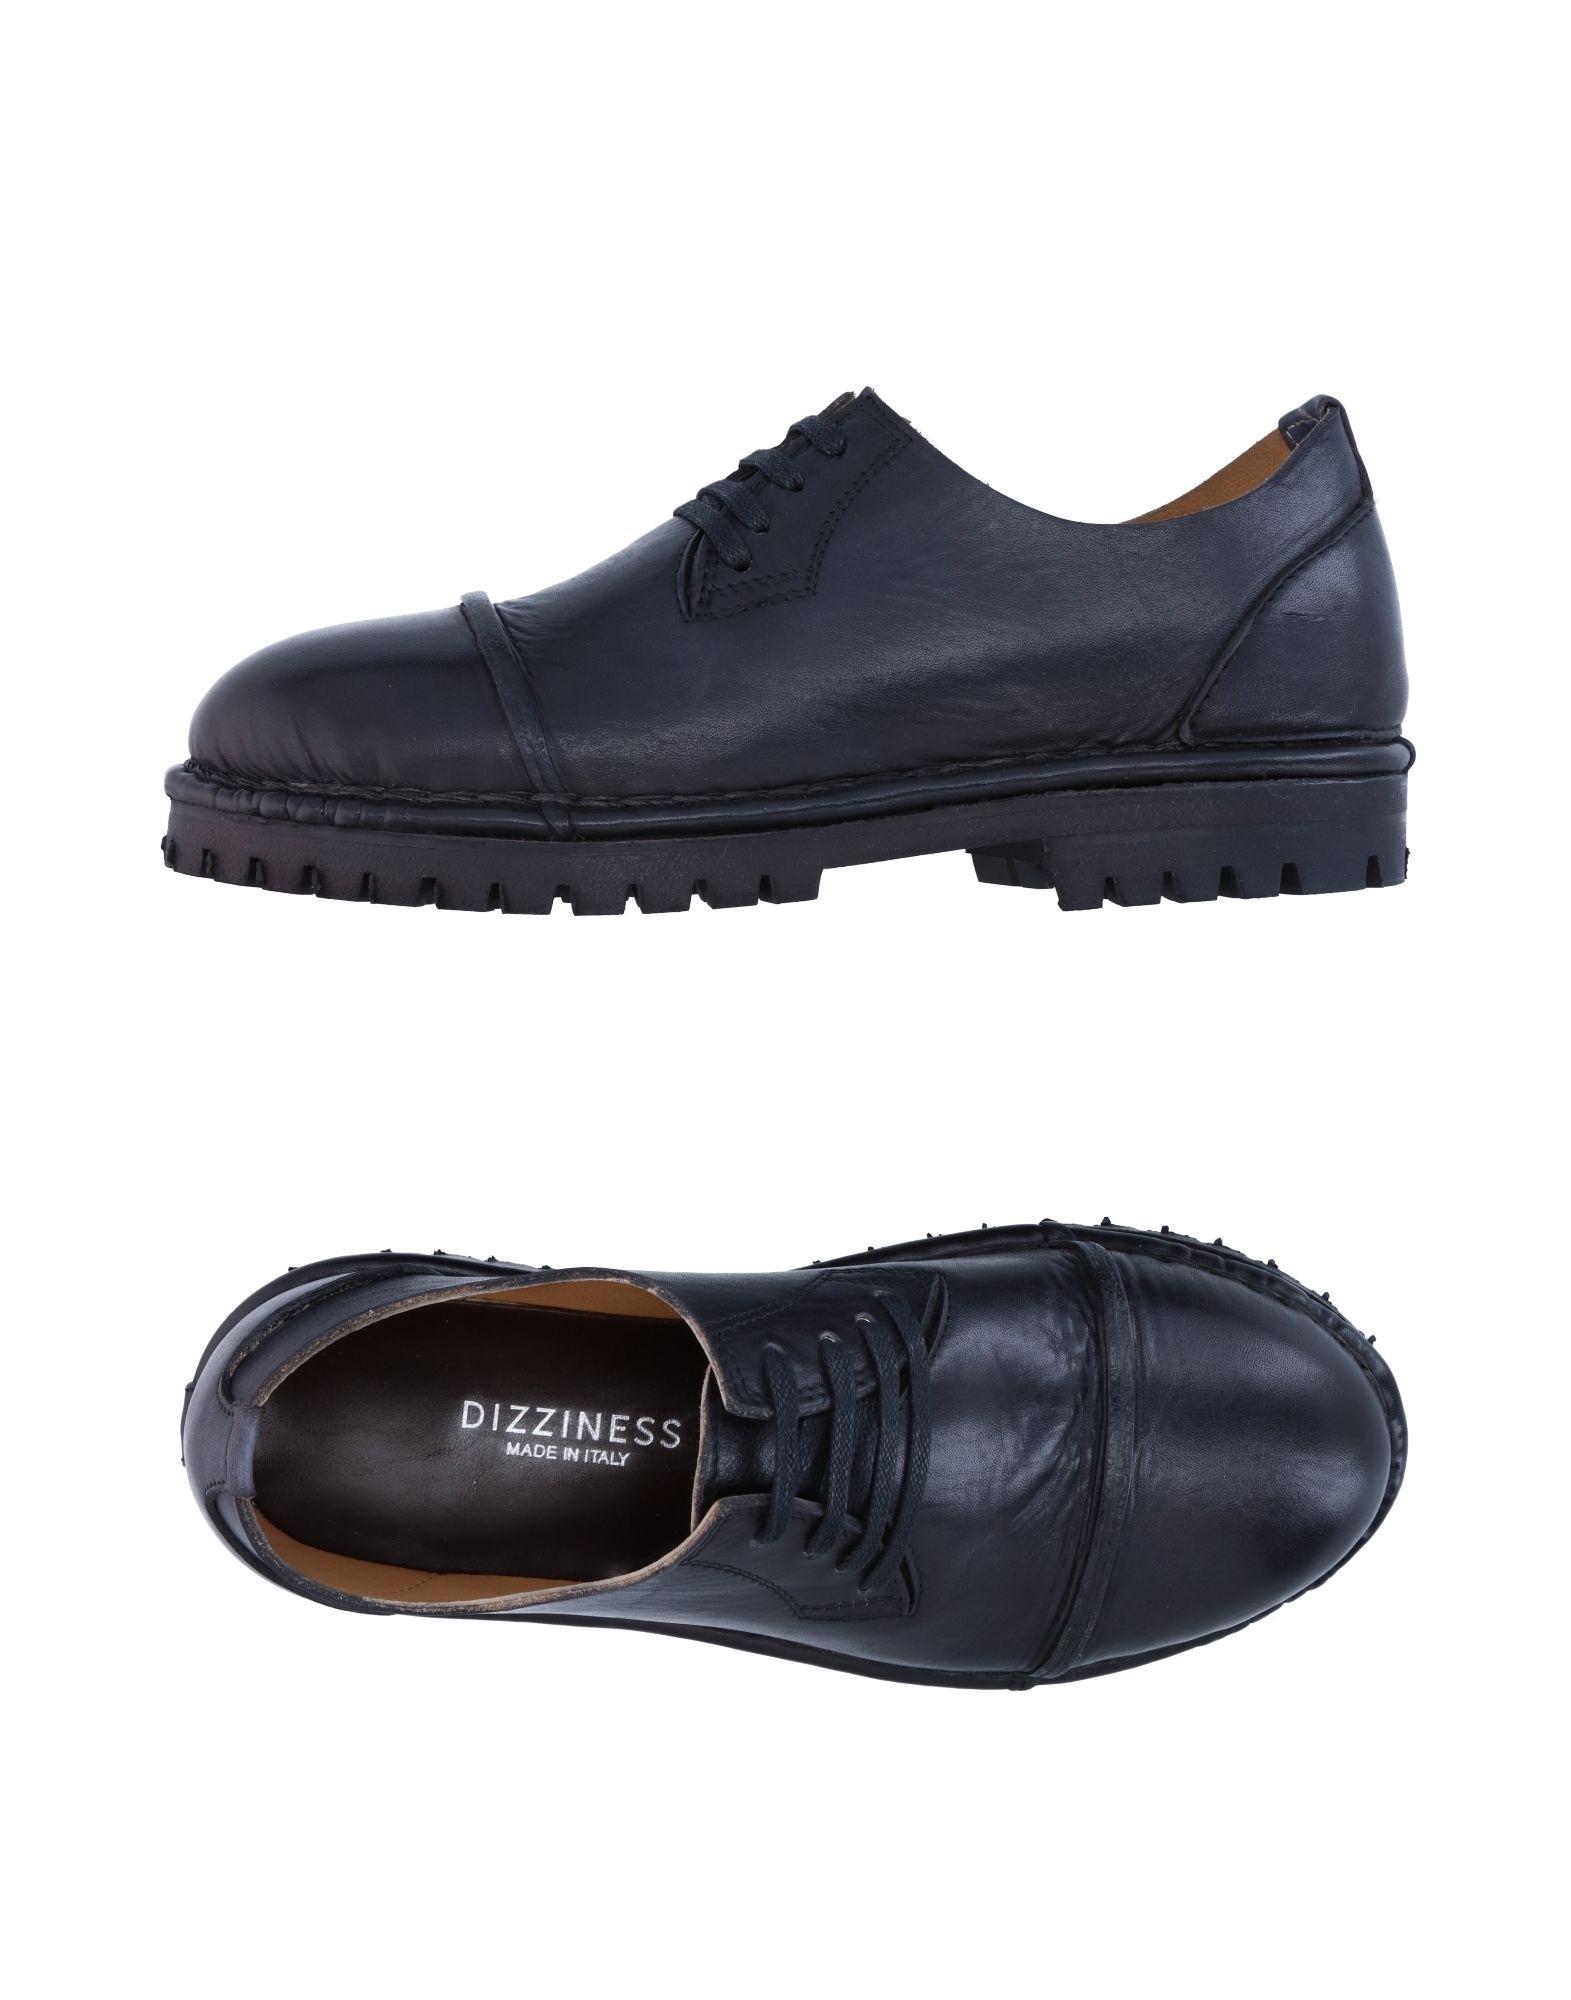 Dizziness Schnürschuhe Damen  11263083MJ 11263083MJ  Gute Qualität beliebte Schuhe 531a7b